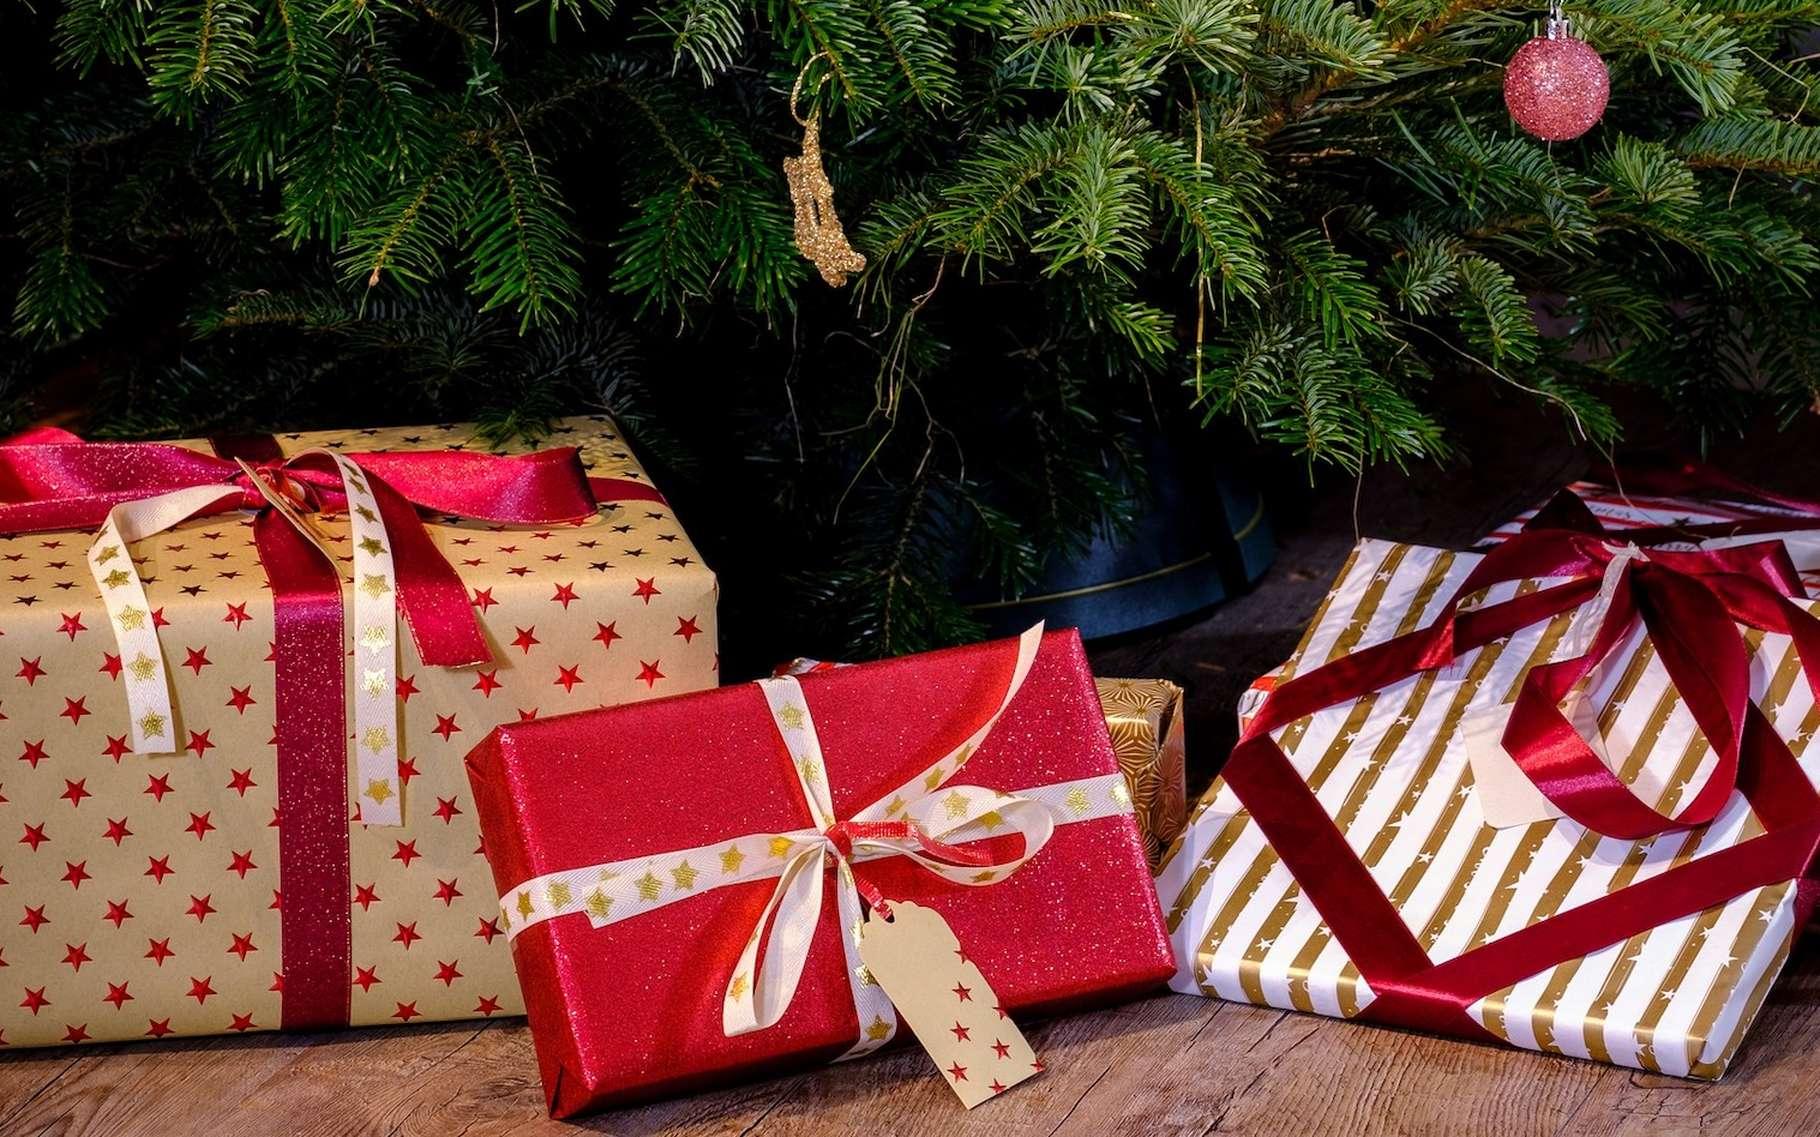 Futura vous recommande quelques livres à poser sous le sapin au prochain Noël. © Bru-nO, Pixabay, CC0 Creative Commons